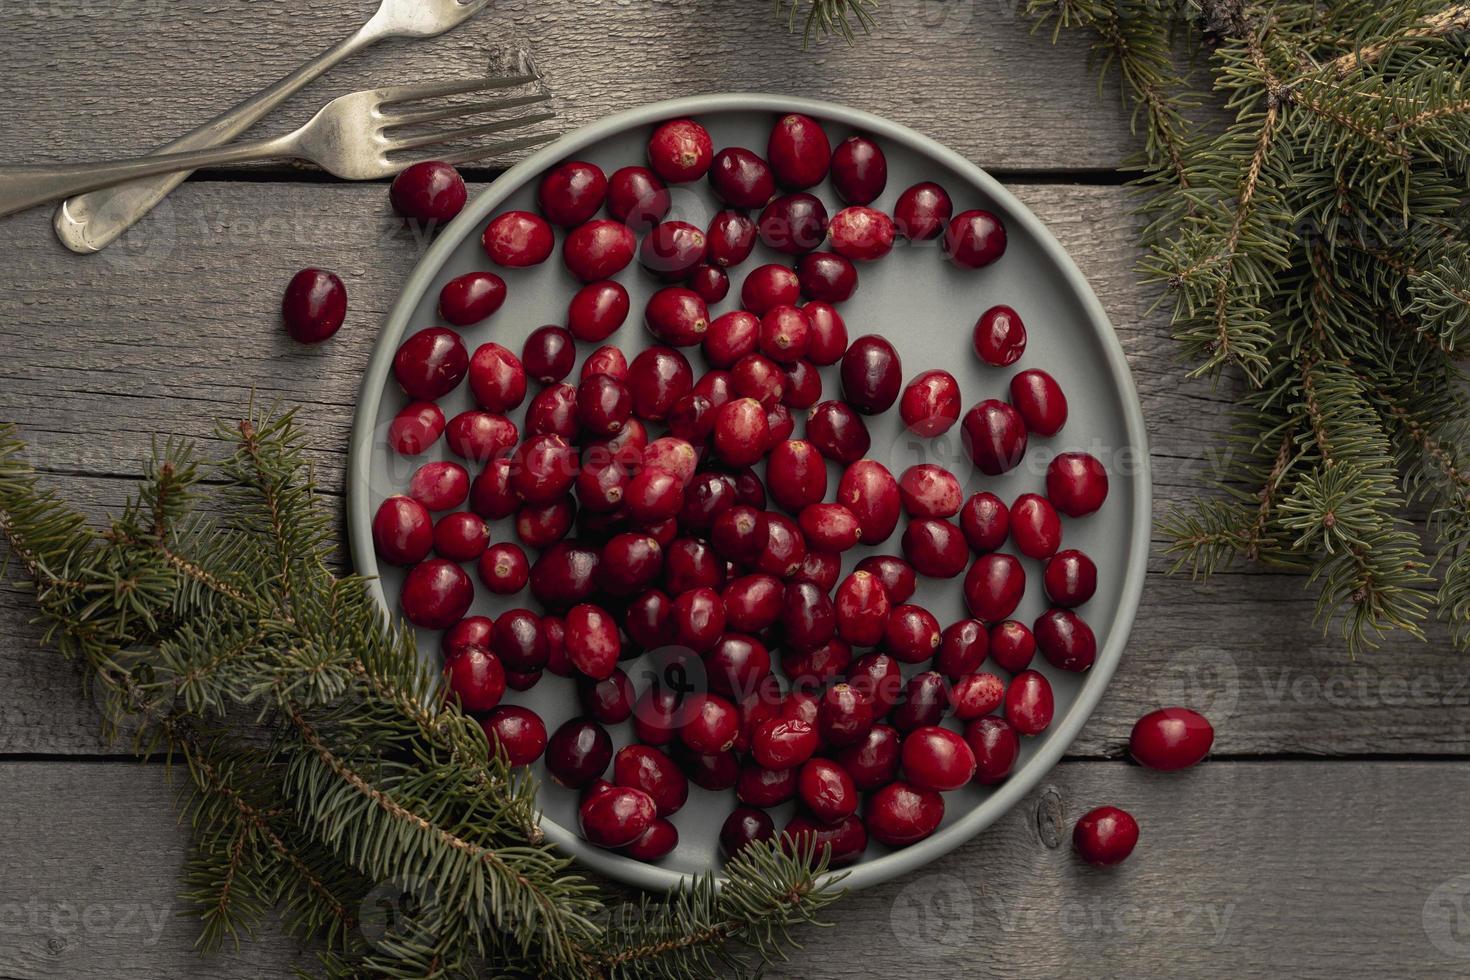 laici piatta di un piatto di mirtilli rossi con pino e forchette foto